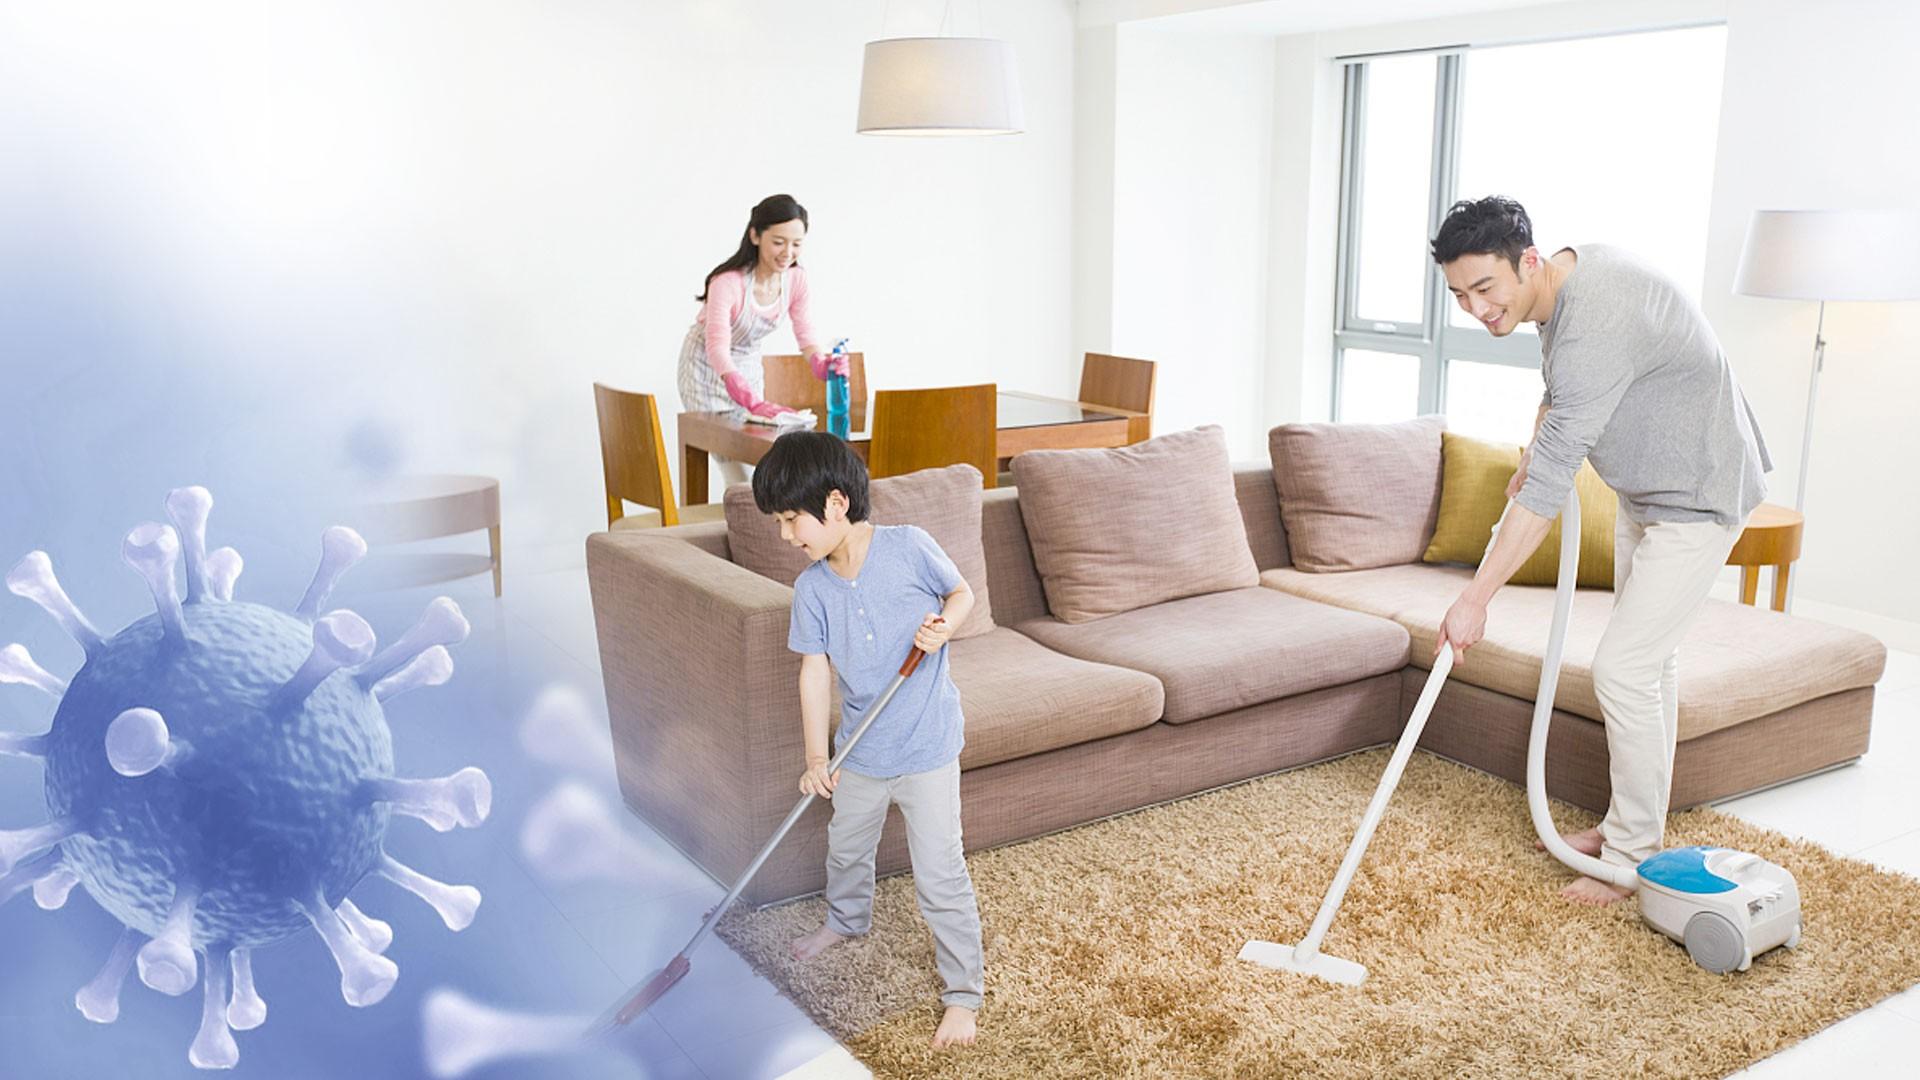 تمیز کردن و ضد عفونی کردن خانه در زمان ویروس کرونا